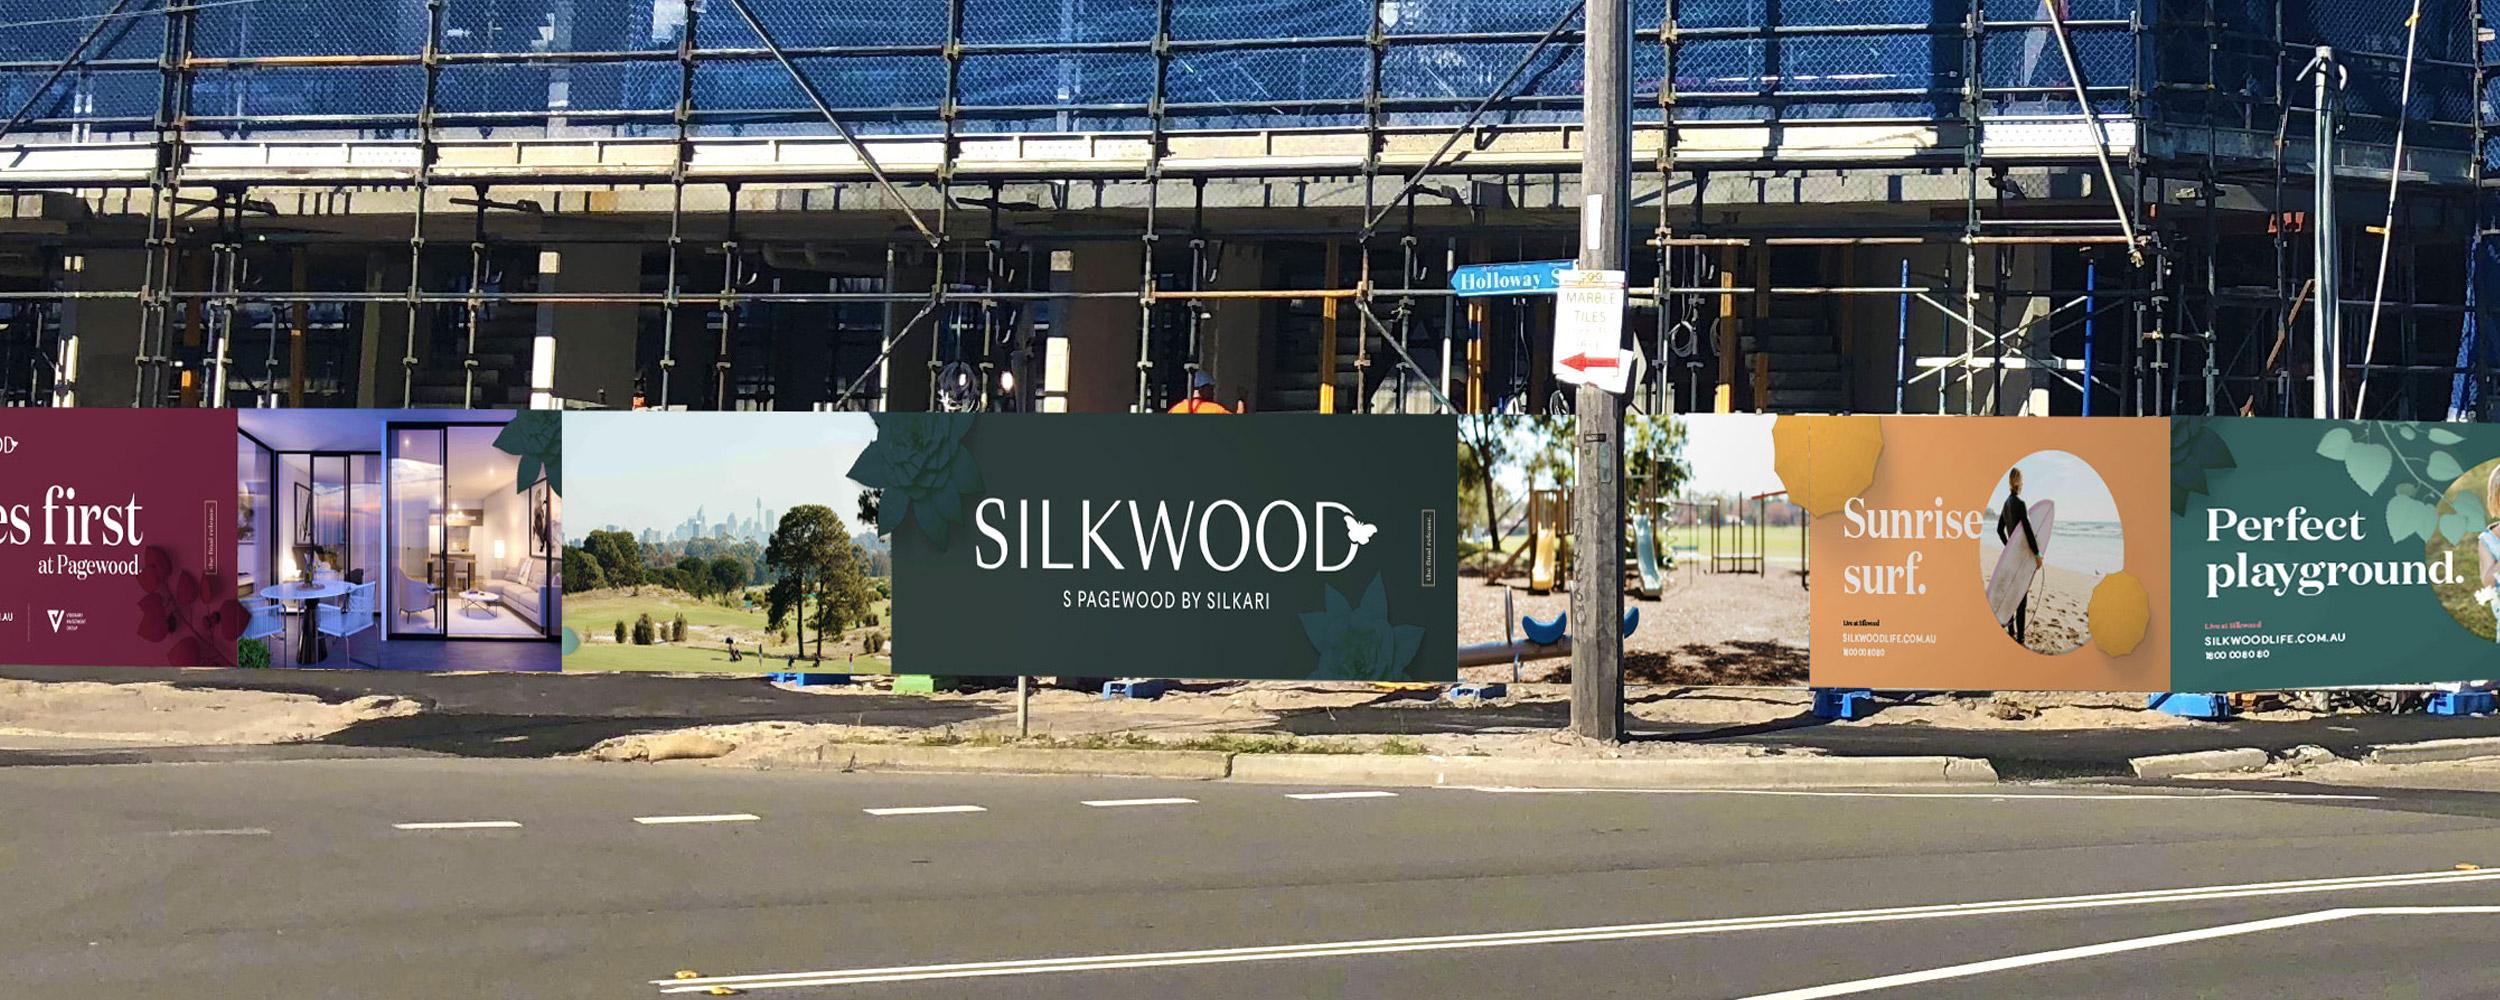 TNG-silkwood-hoarding2.jpg